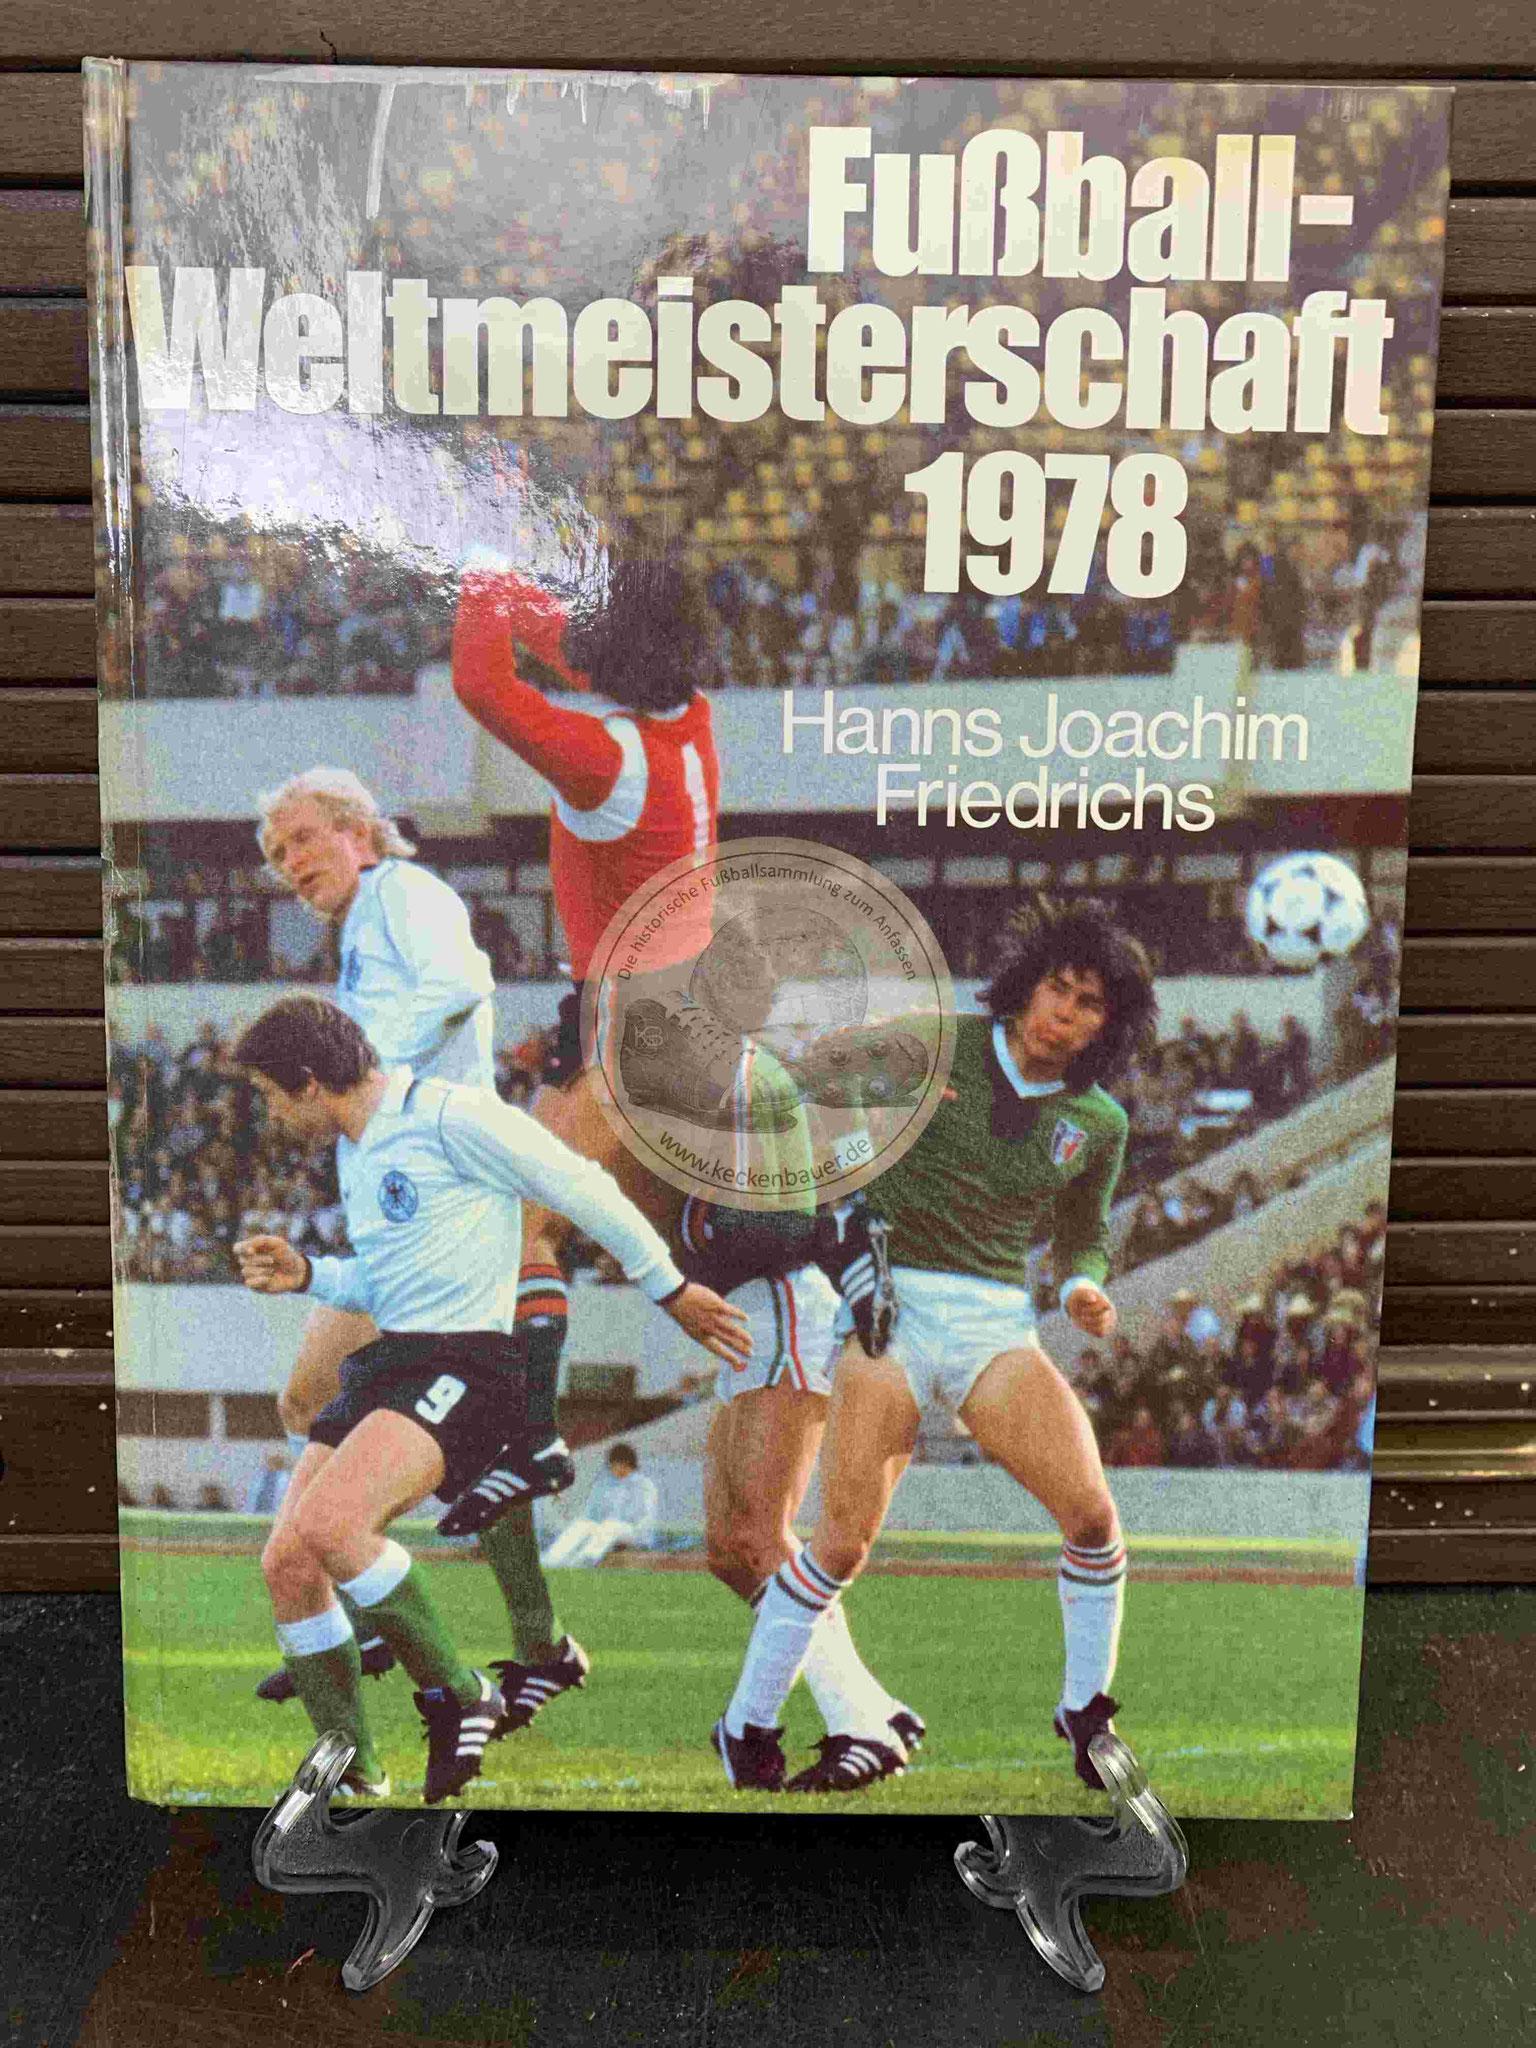 Fußball Weltmeisterschaft 1978 von Hans Joachim Friedrichs